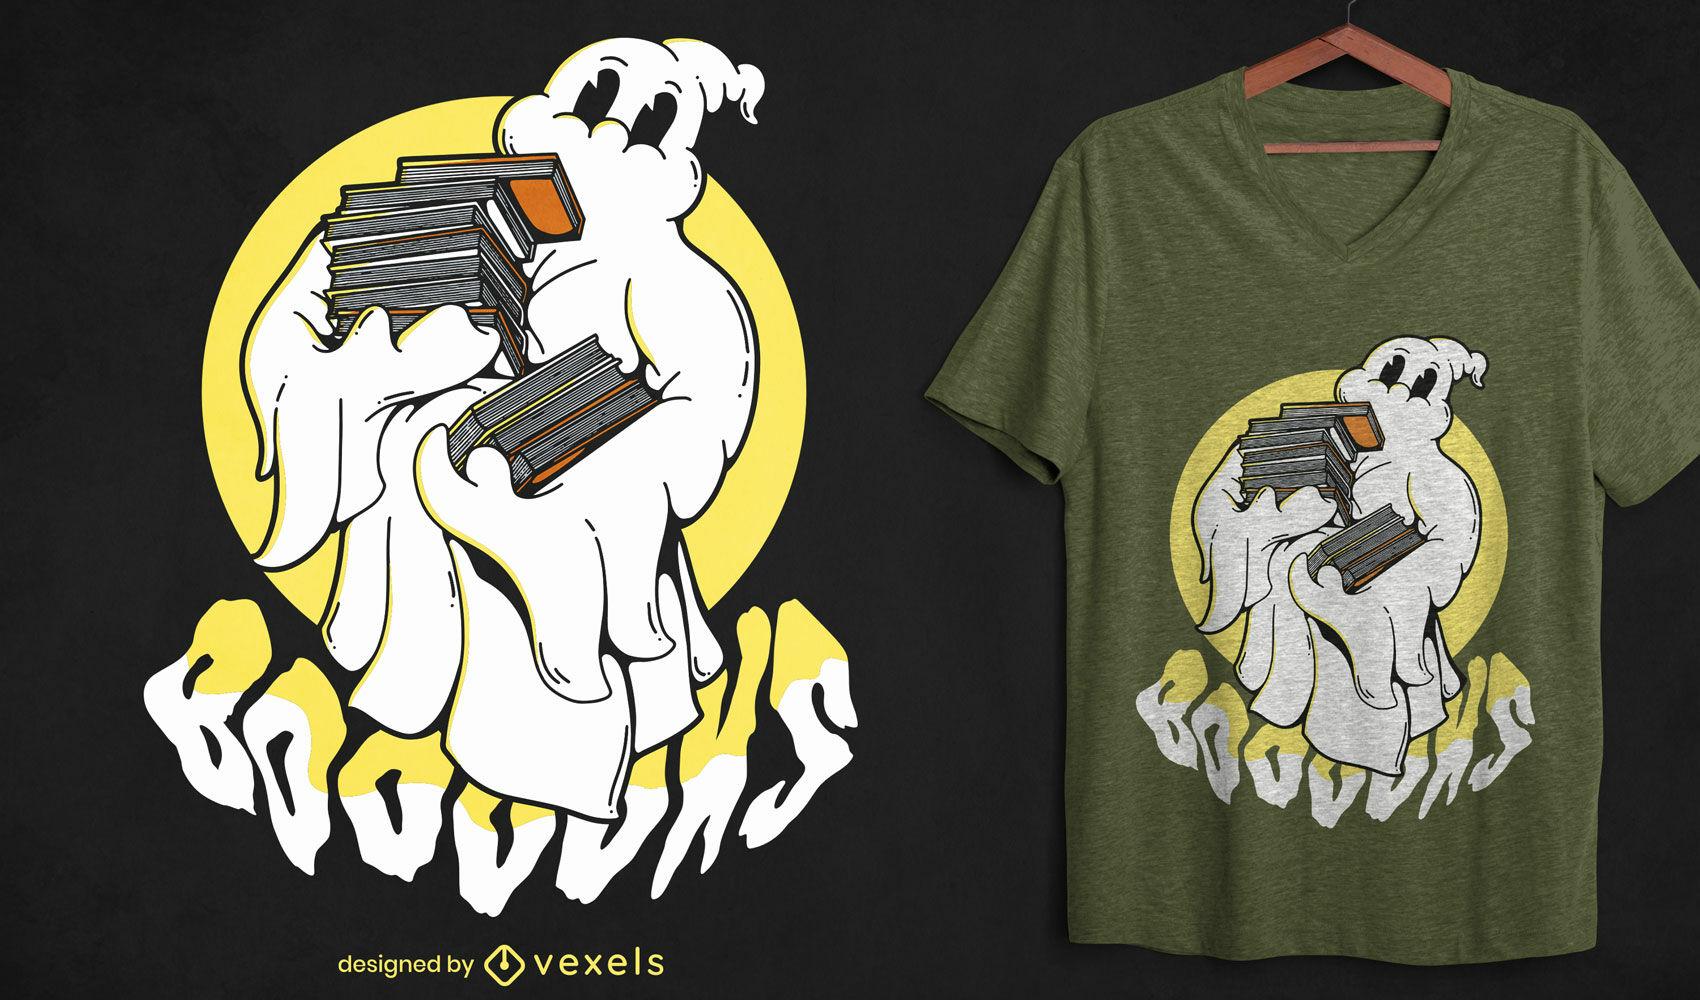 Dibujos animados de fantasmas con diseño de camiseta de libros